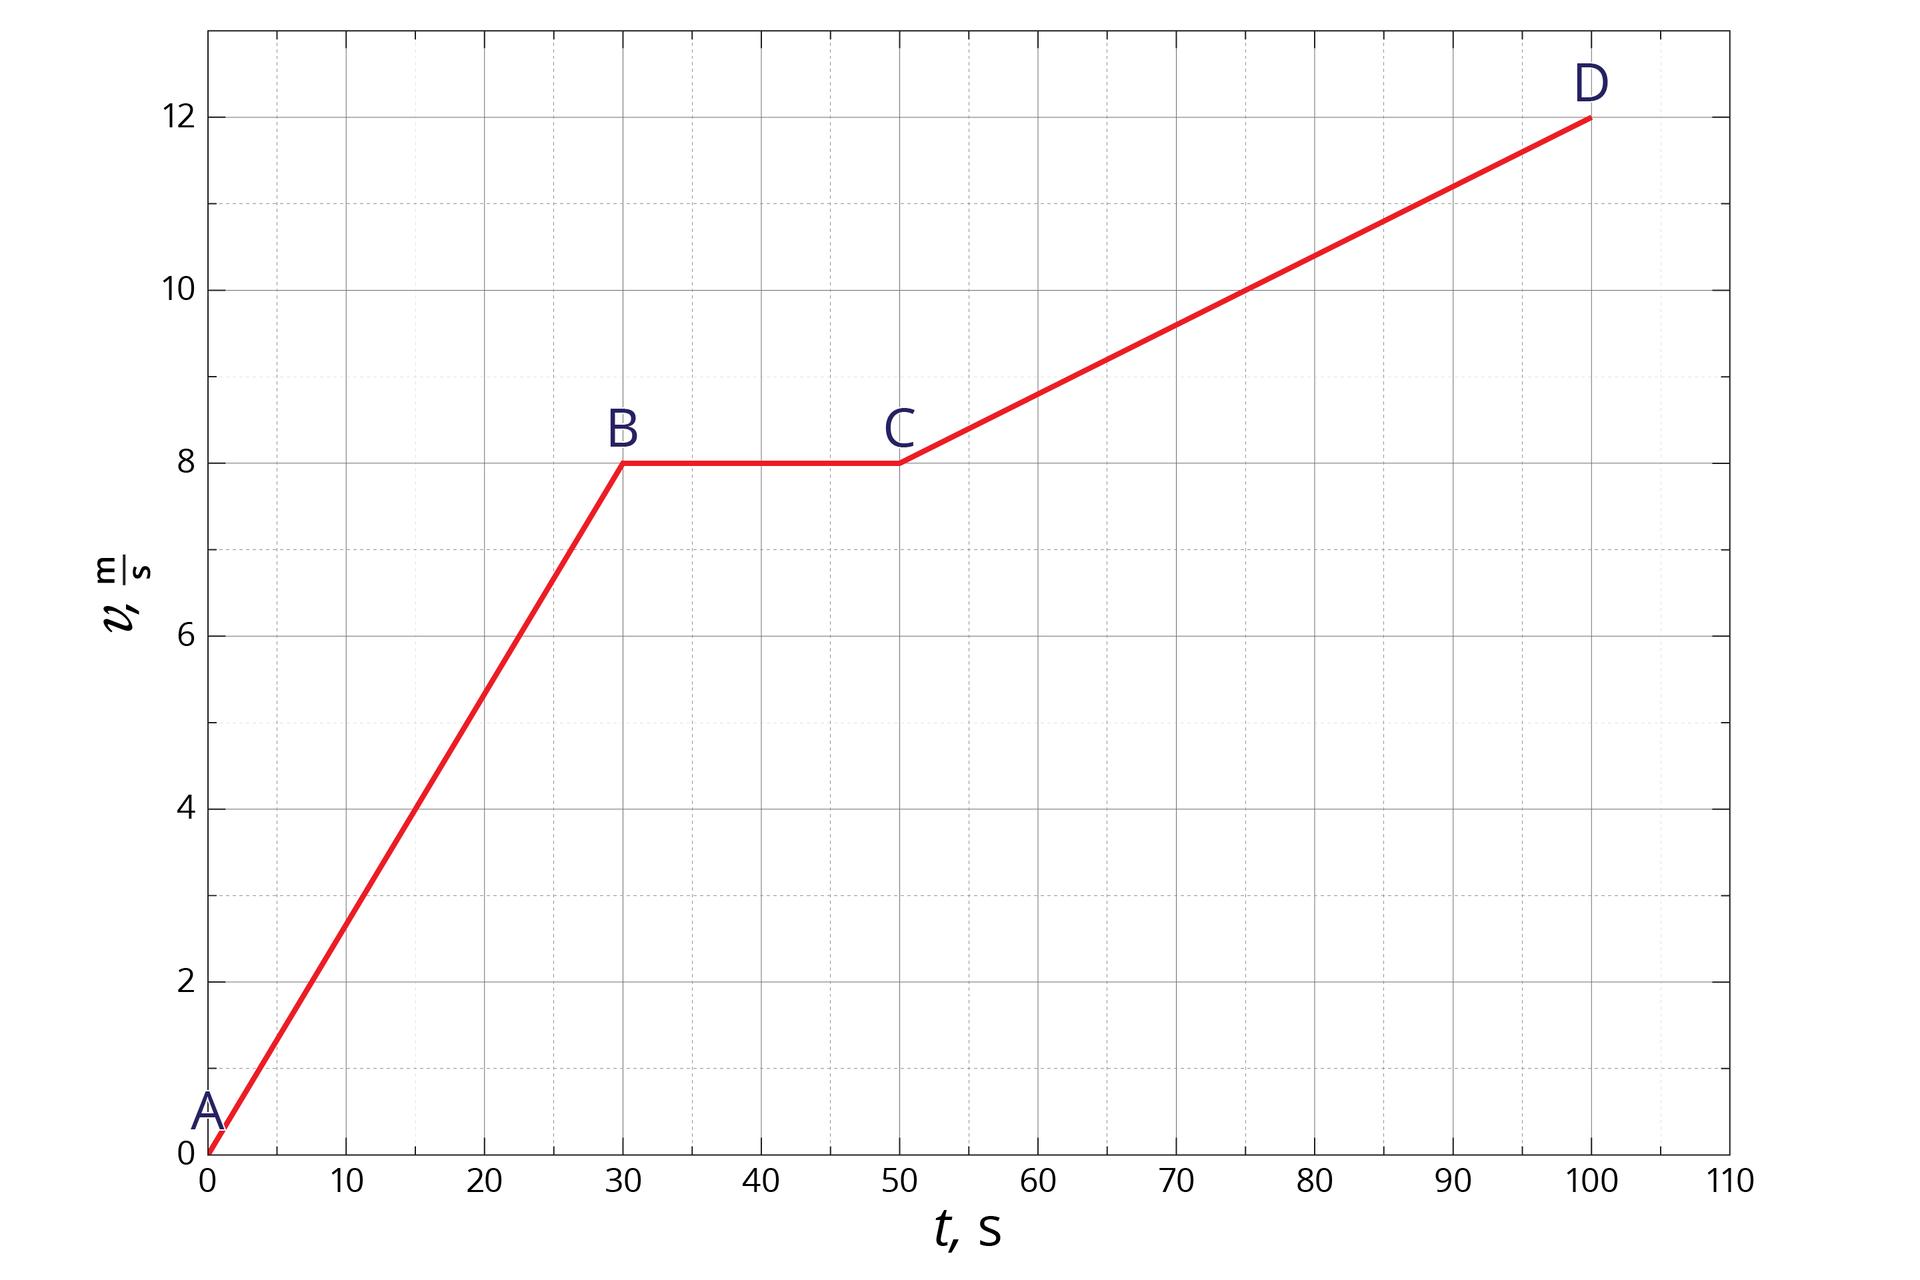 """Schemat przedstawia wykres zależności prędkości od czasu. Tło białe. Osie odciętych od 0 do 110, co 10; opisana """"t, s"""". Oś rzędnych od 0 do 12, co 2; opisana """"v, m/s"""". Wykres składa się ztrzech czerwonych odcinków. Pierwszy: początek wpunkcie A(0, 0) ikoniec wpunkcie B(30, 8). Drugi: początek wpunkcie B(30, 8) ikoniec wpunkcie C(50, 8). Trzeci: początek wpunkcie C(50, 8) ikoniec wpunkcie D(100, 12)."""